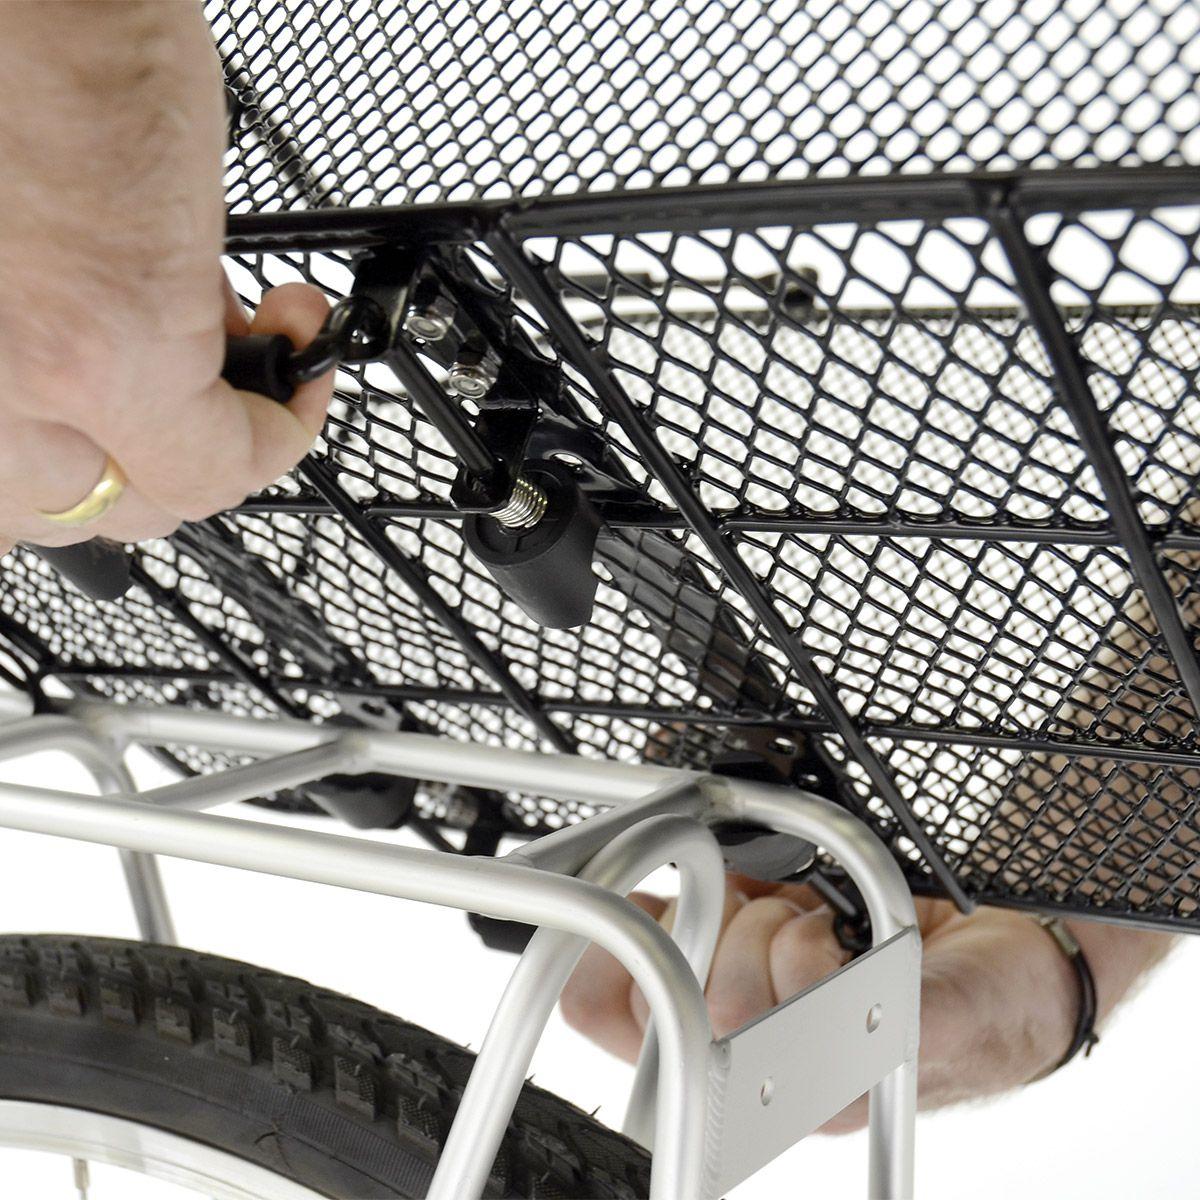 market basket remove